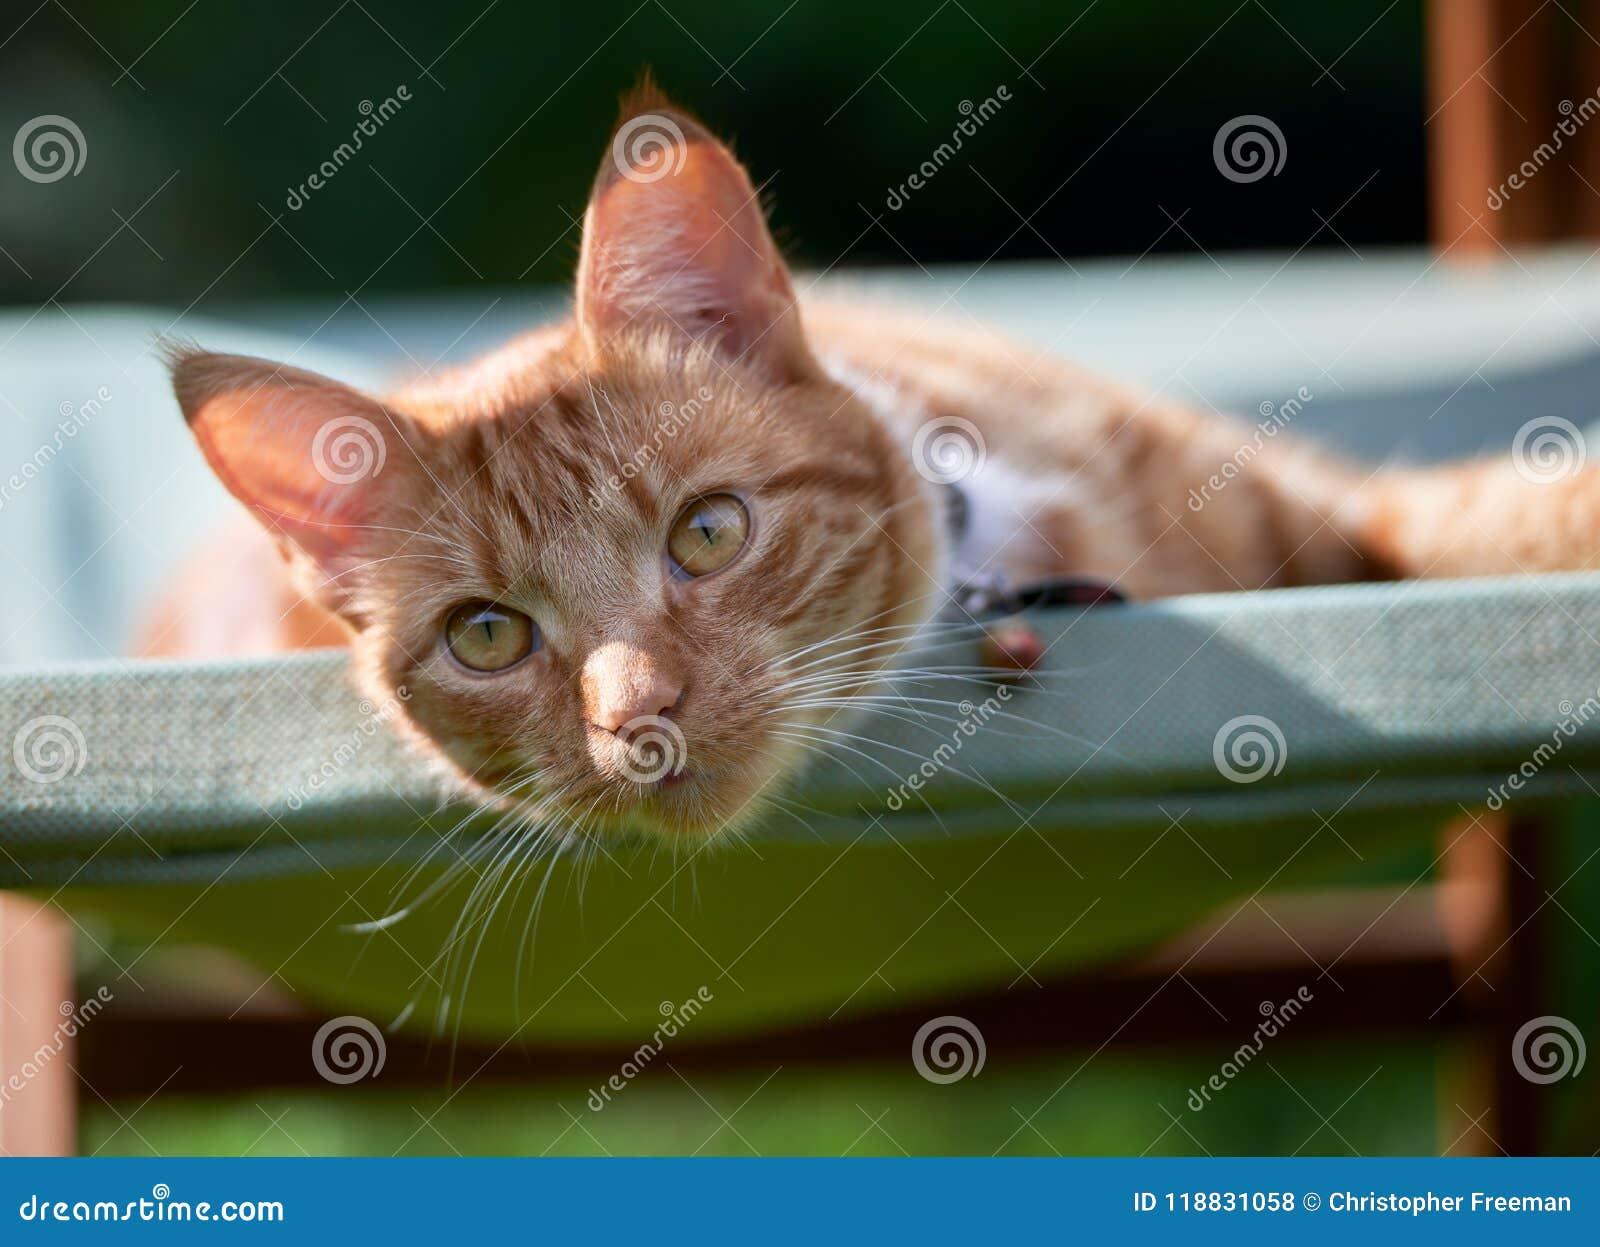 Stilig ung ljust rödbrun röd strimmig kattkatt som lägger på en grön trädgårds- stol som ser kopplad av